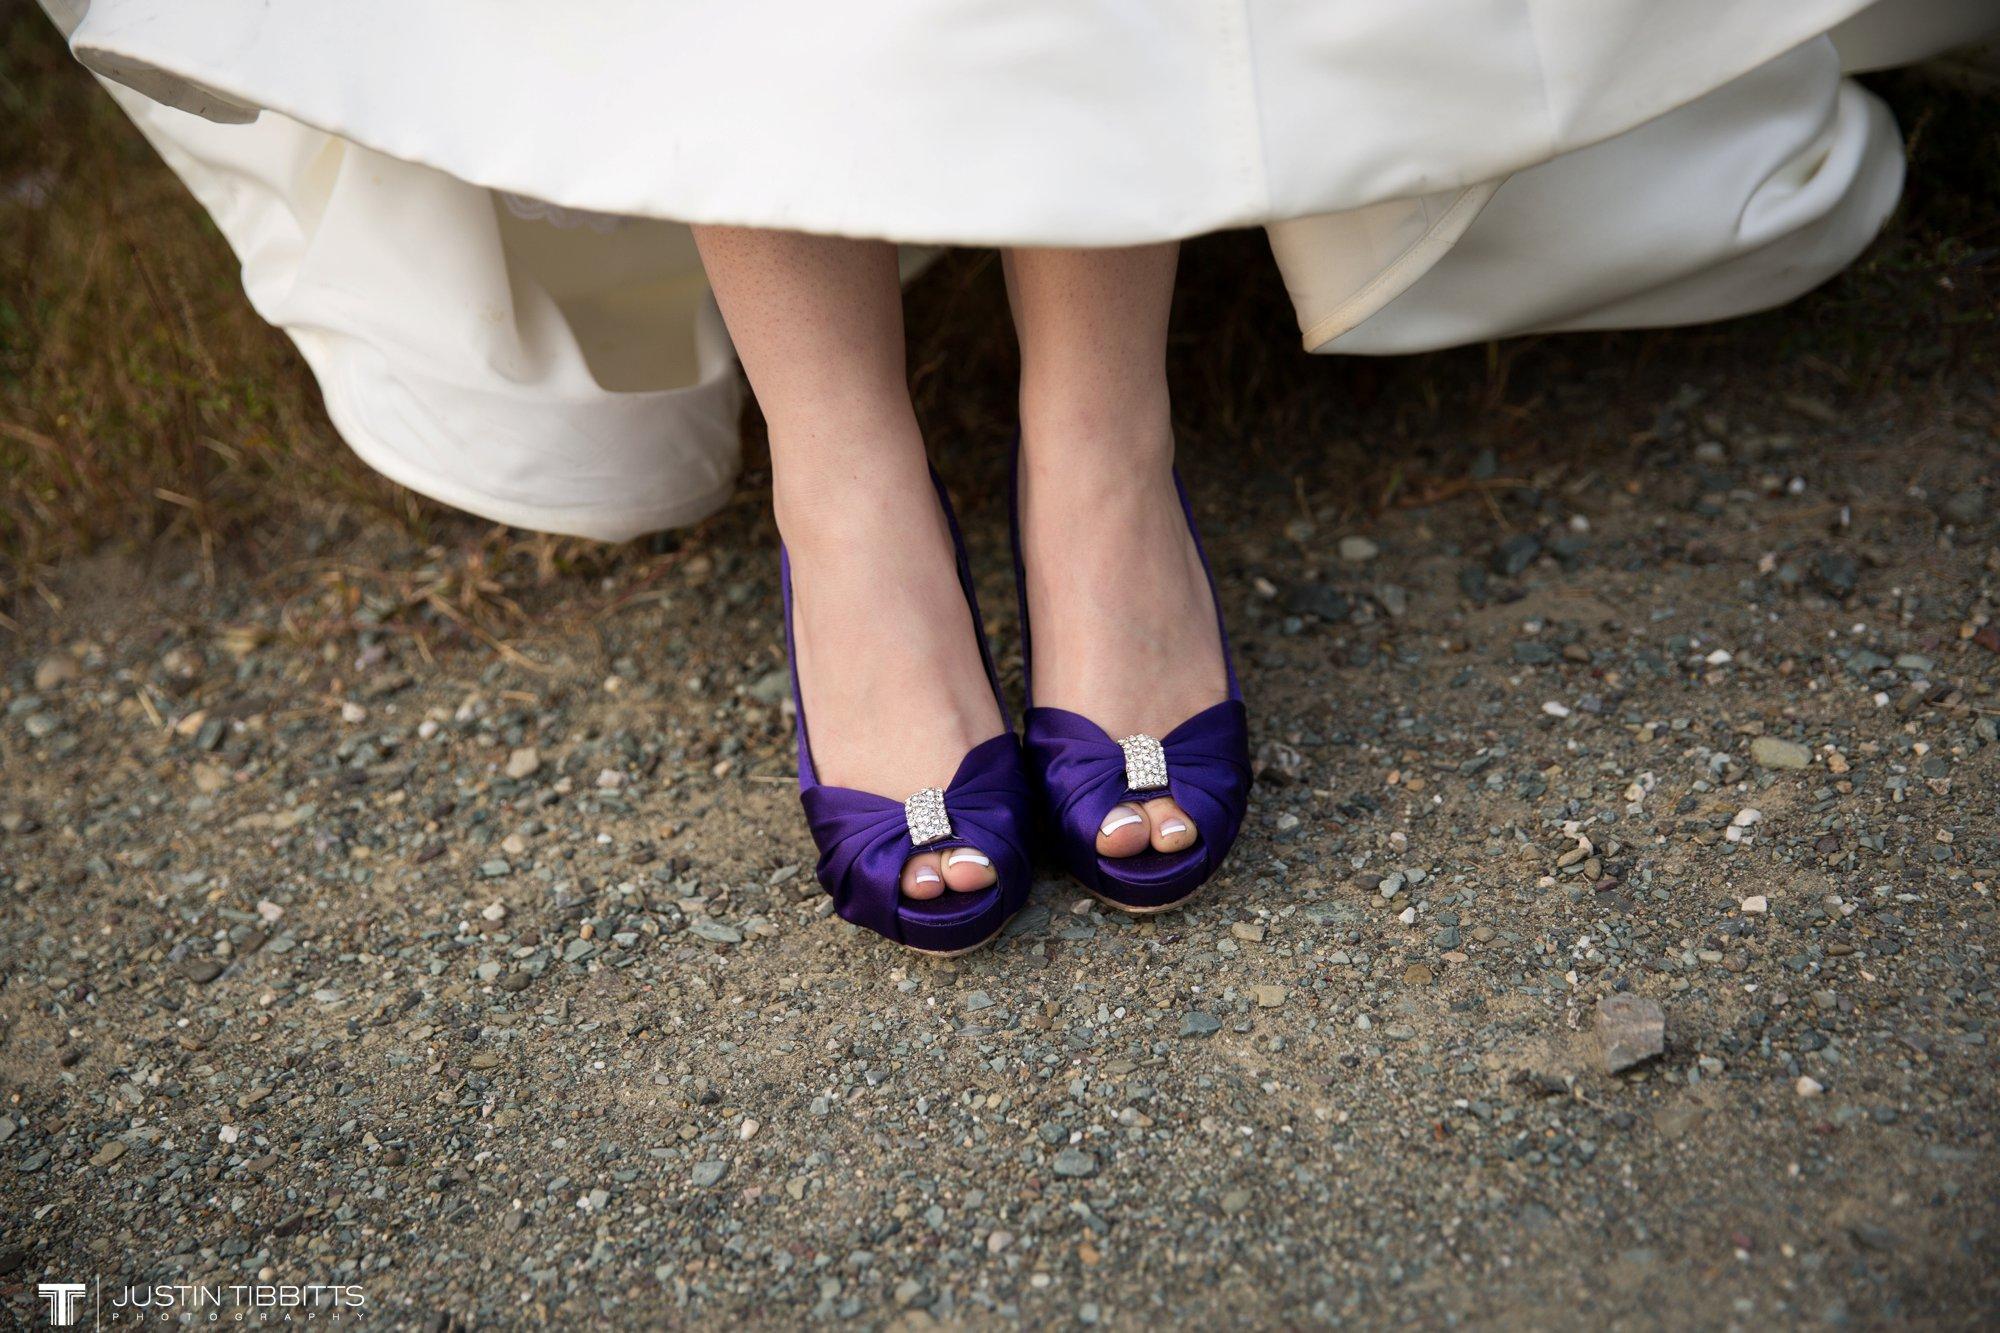 Albany NY Wedding Photographer Justin Tibbitts Photography 2014 Best of Albany NY Weddings-3105122